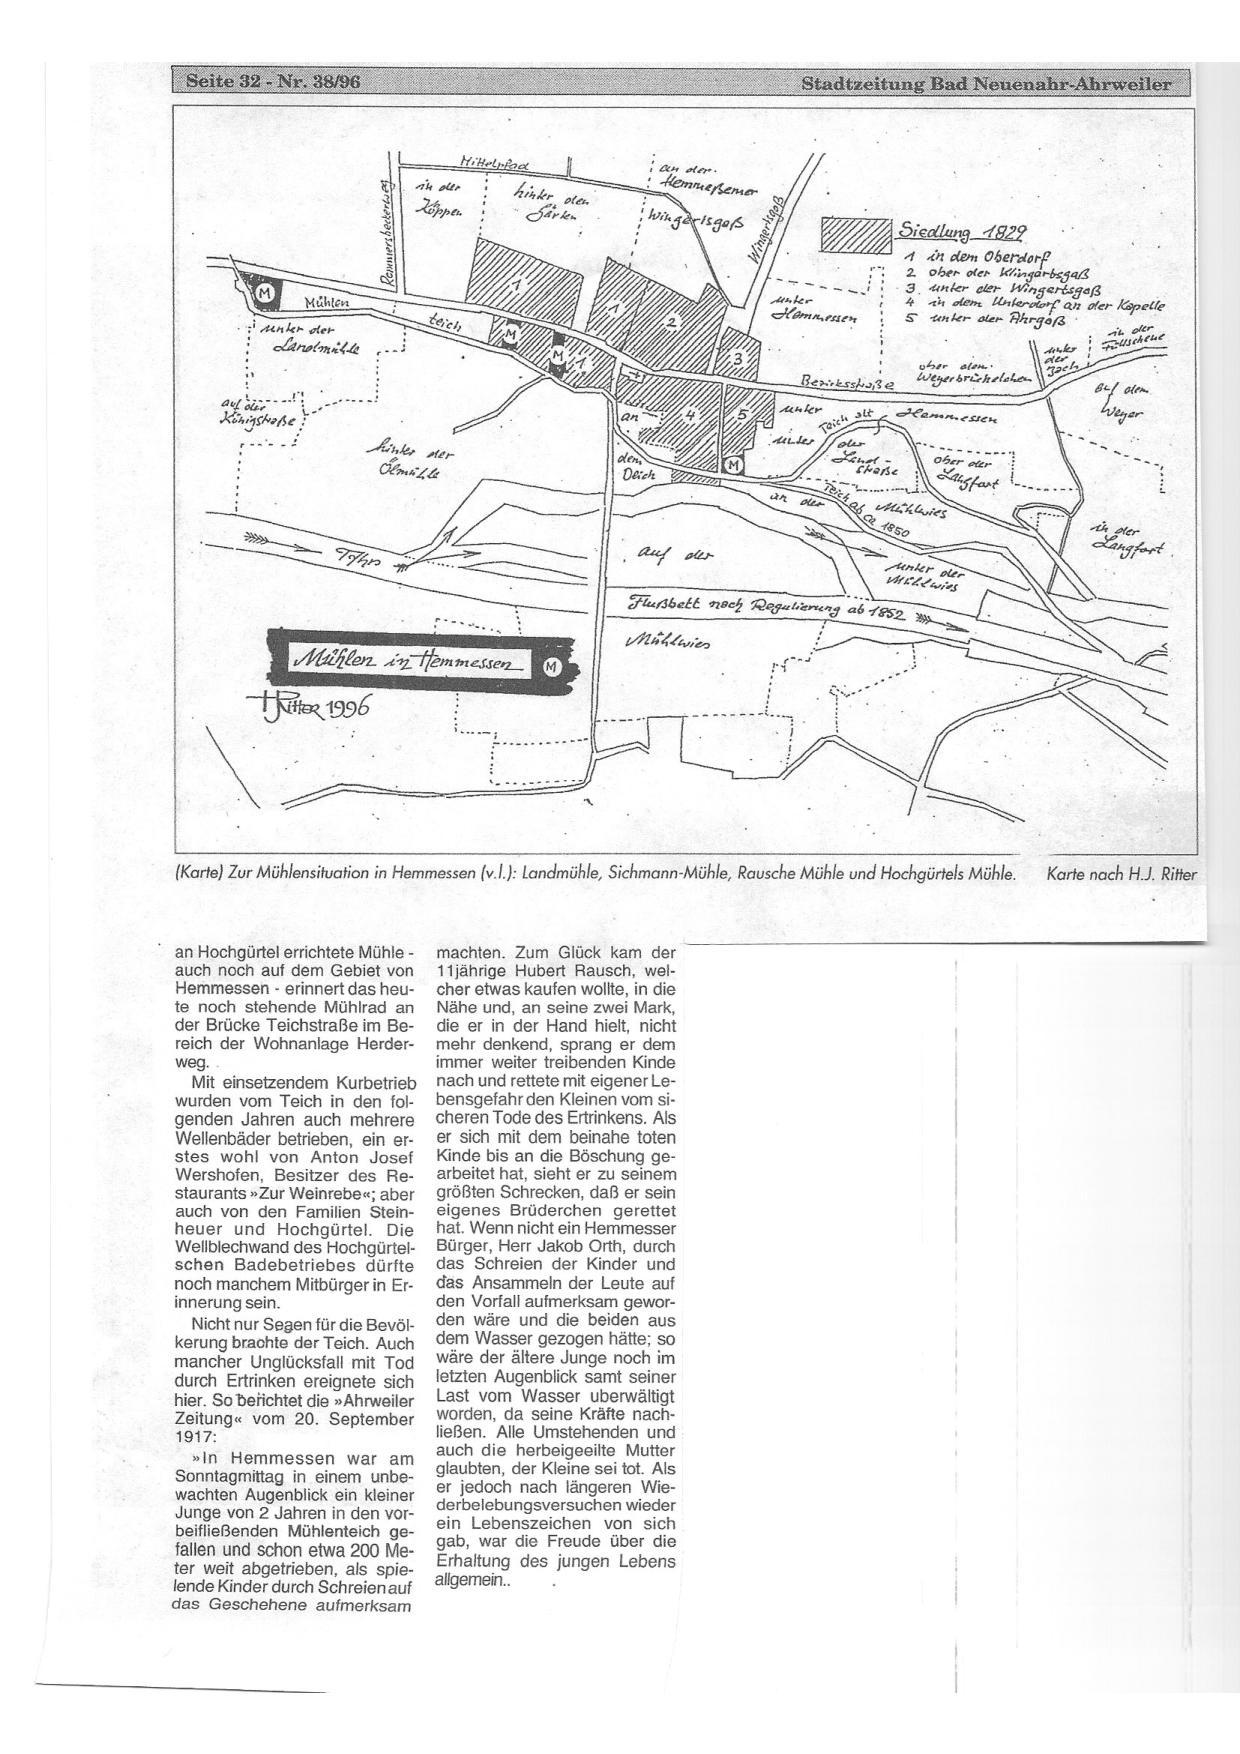 Im Anhang noch ein schöner Artikel der Stadtzeitung von 1996, freundlicherweise bereitgestellt von Werner Kathe.